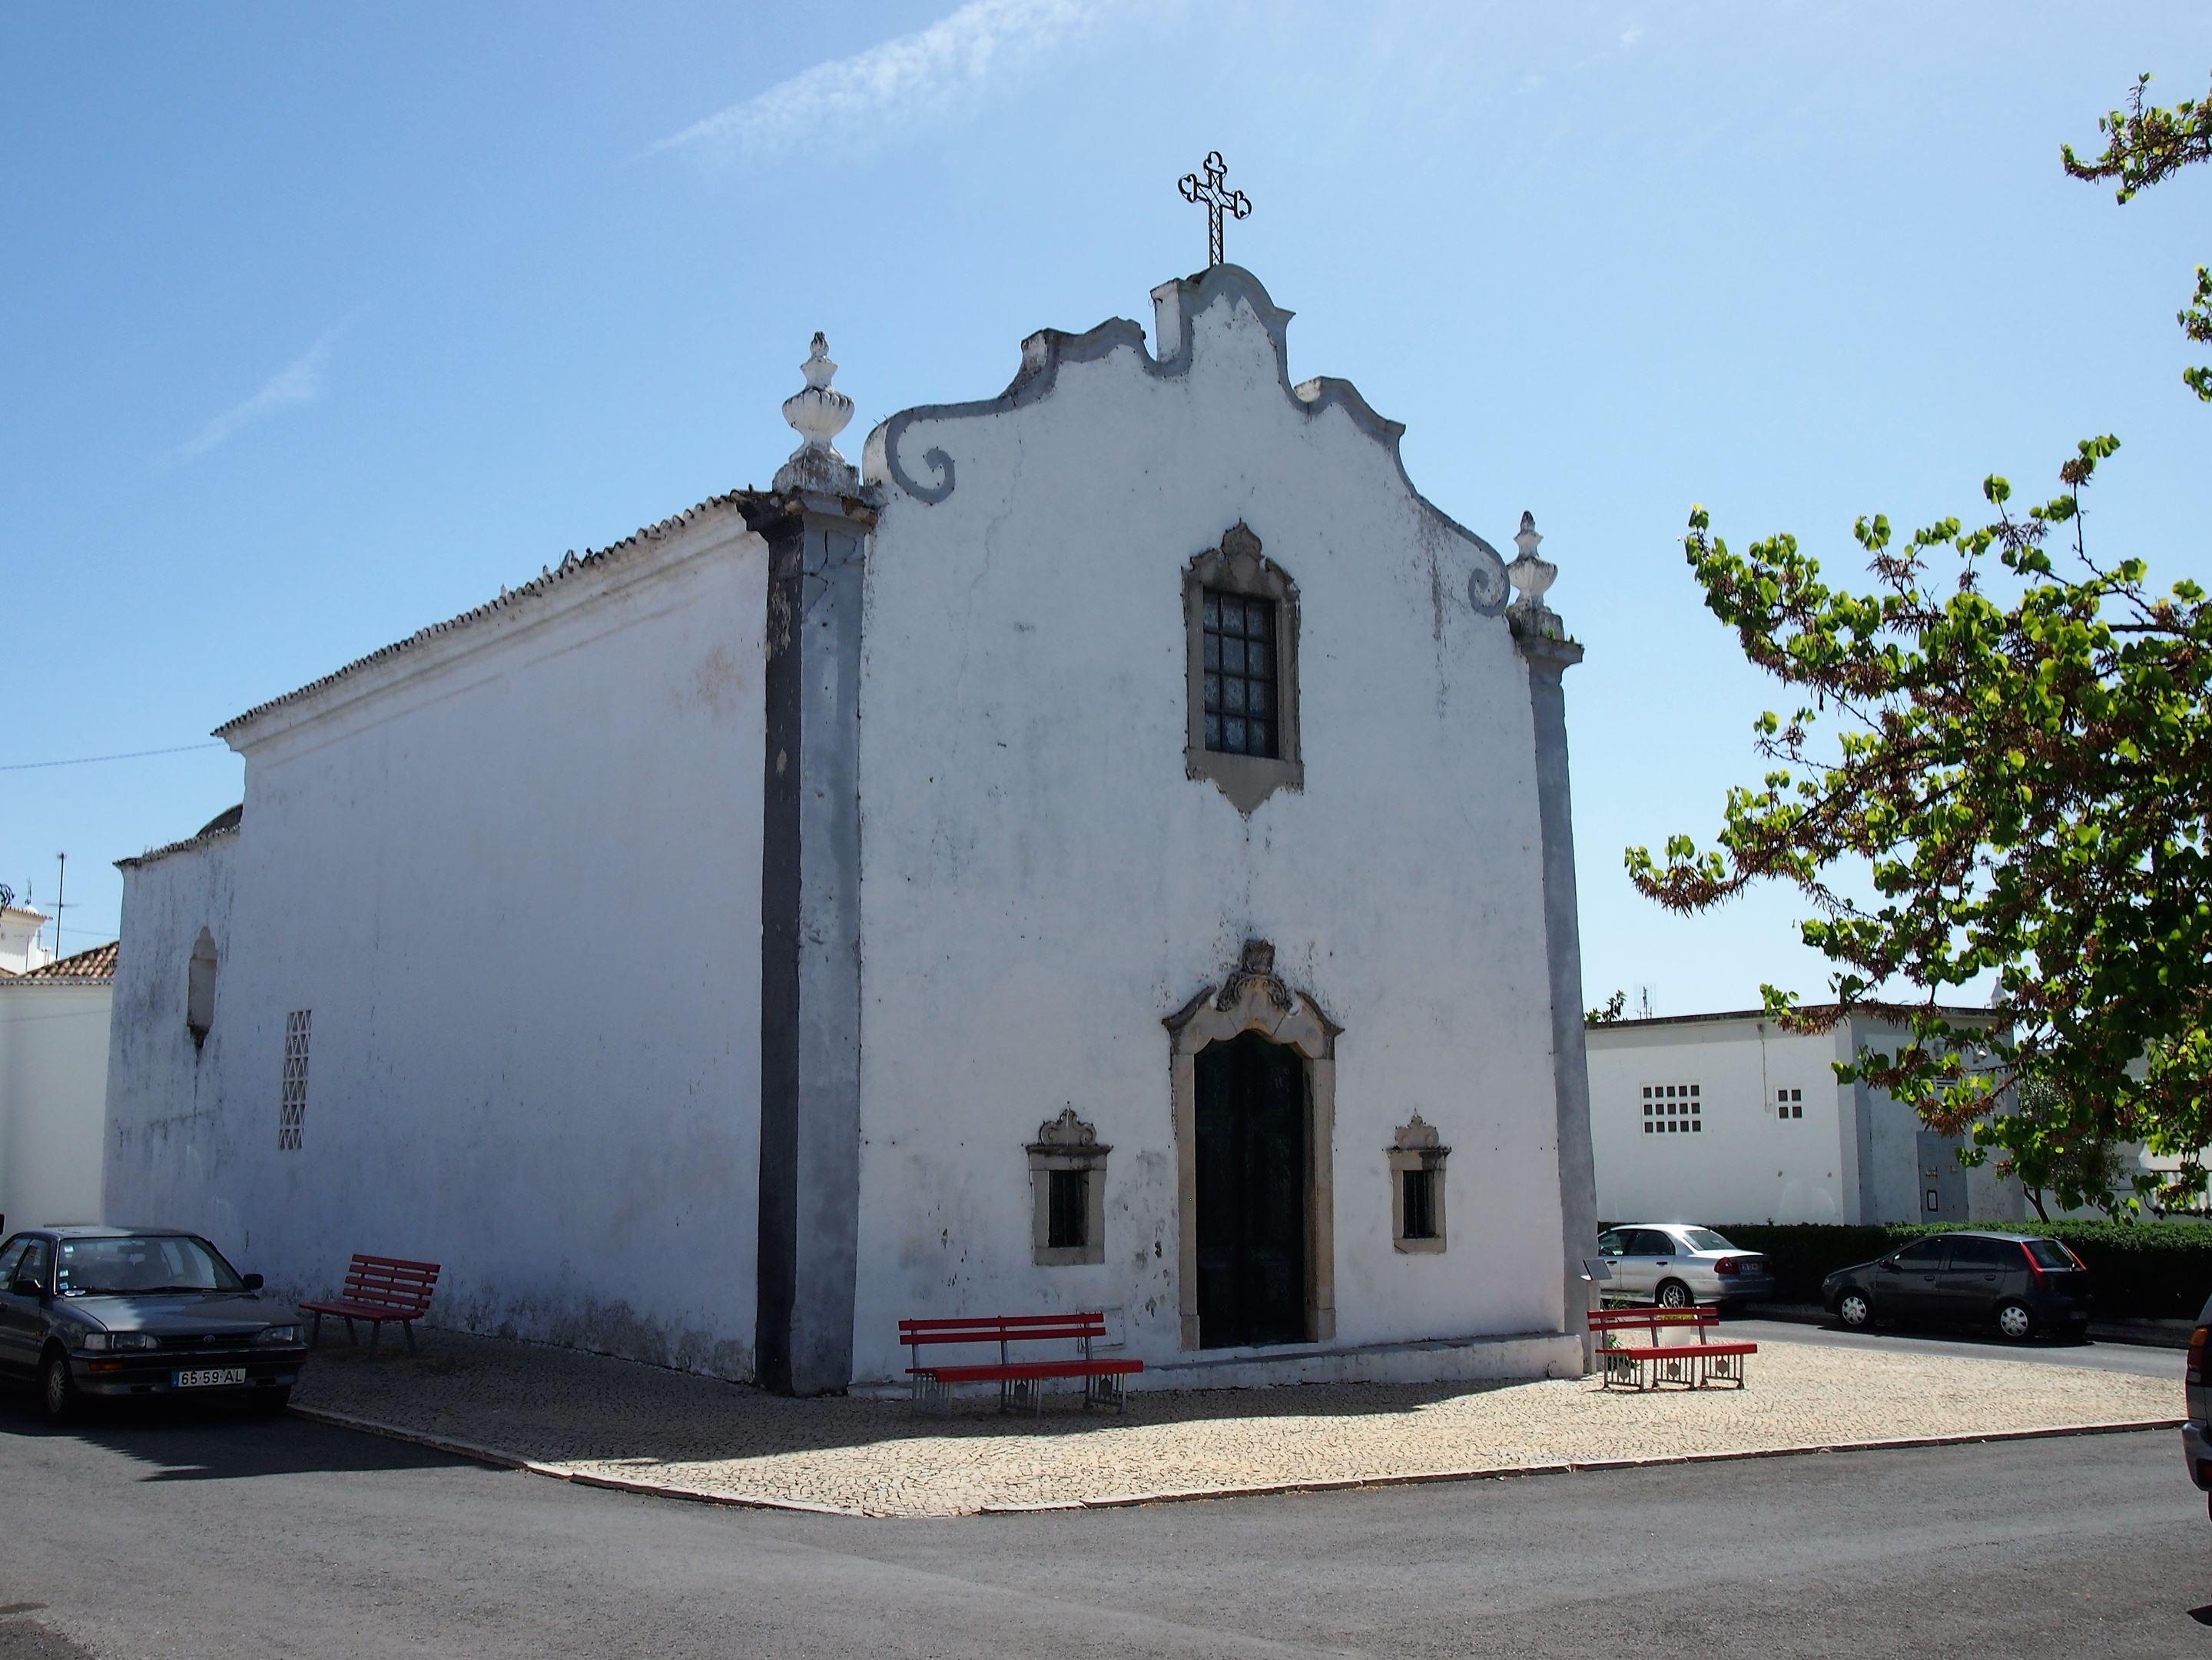 Saint Blaise's chapel (Ermida de São Bras), Tavira